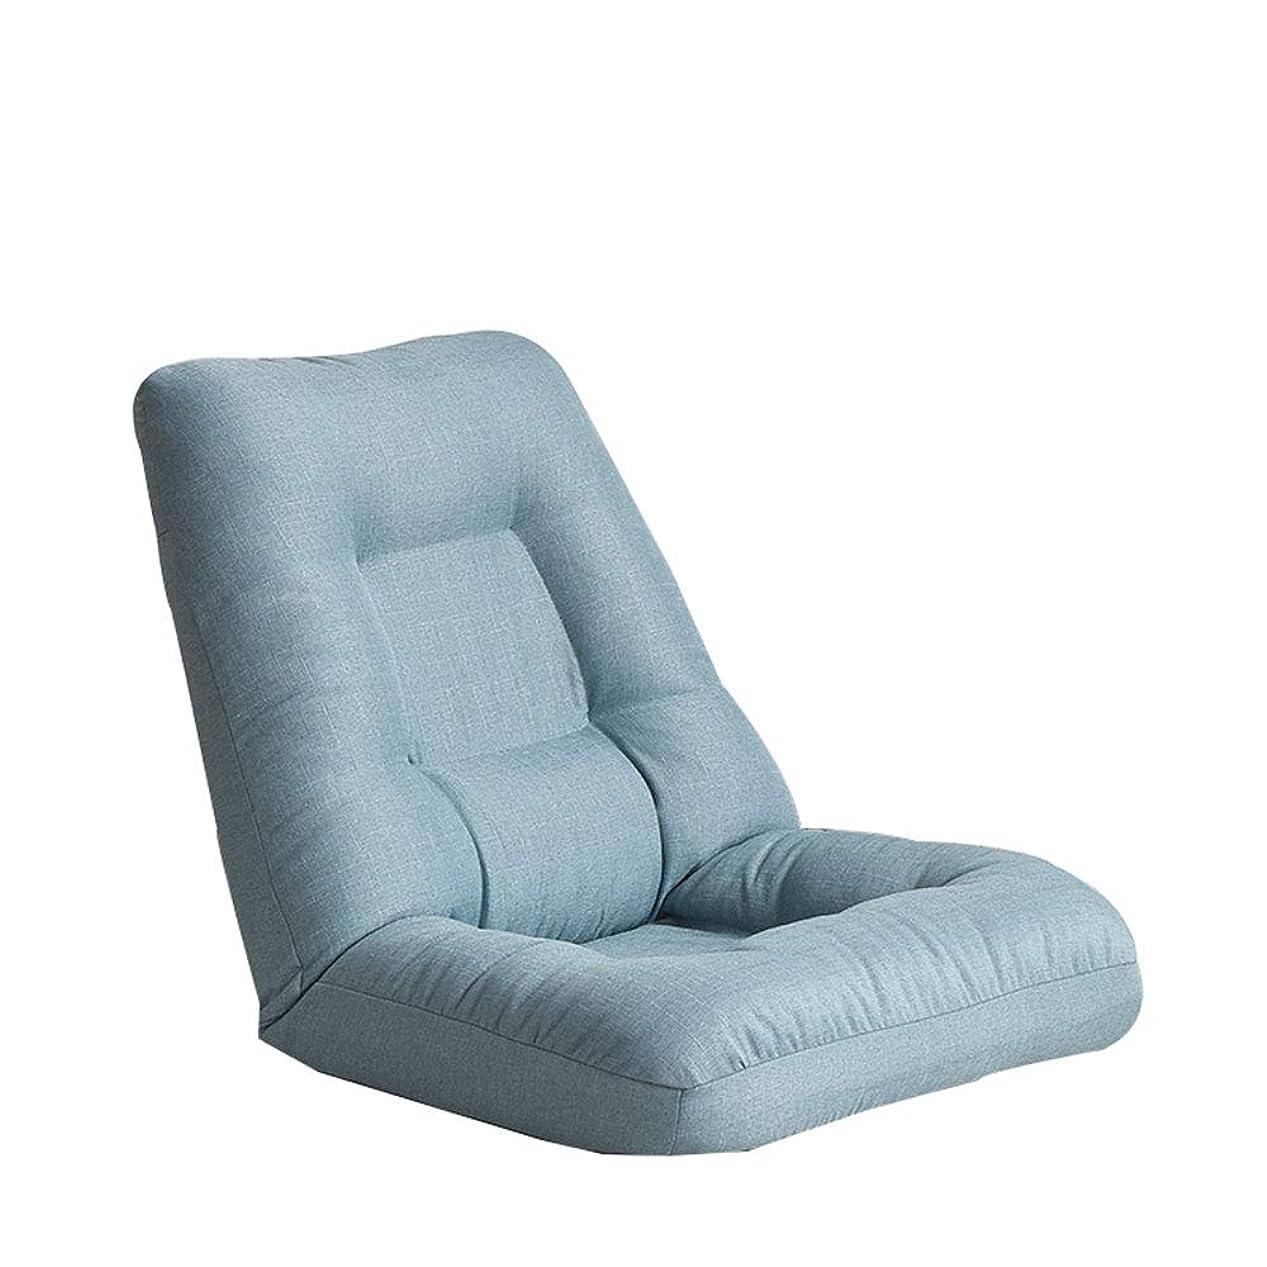 ペルセウスプロポーショナル羊シングルソファ 座椅子 フロアチェア シンプル コンパクト ふわふわ 調節可能